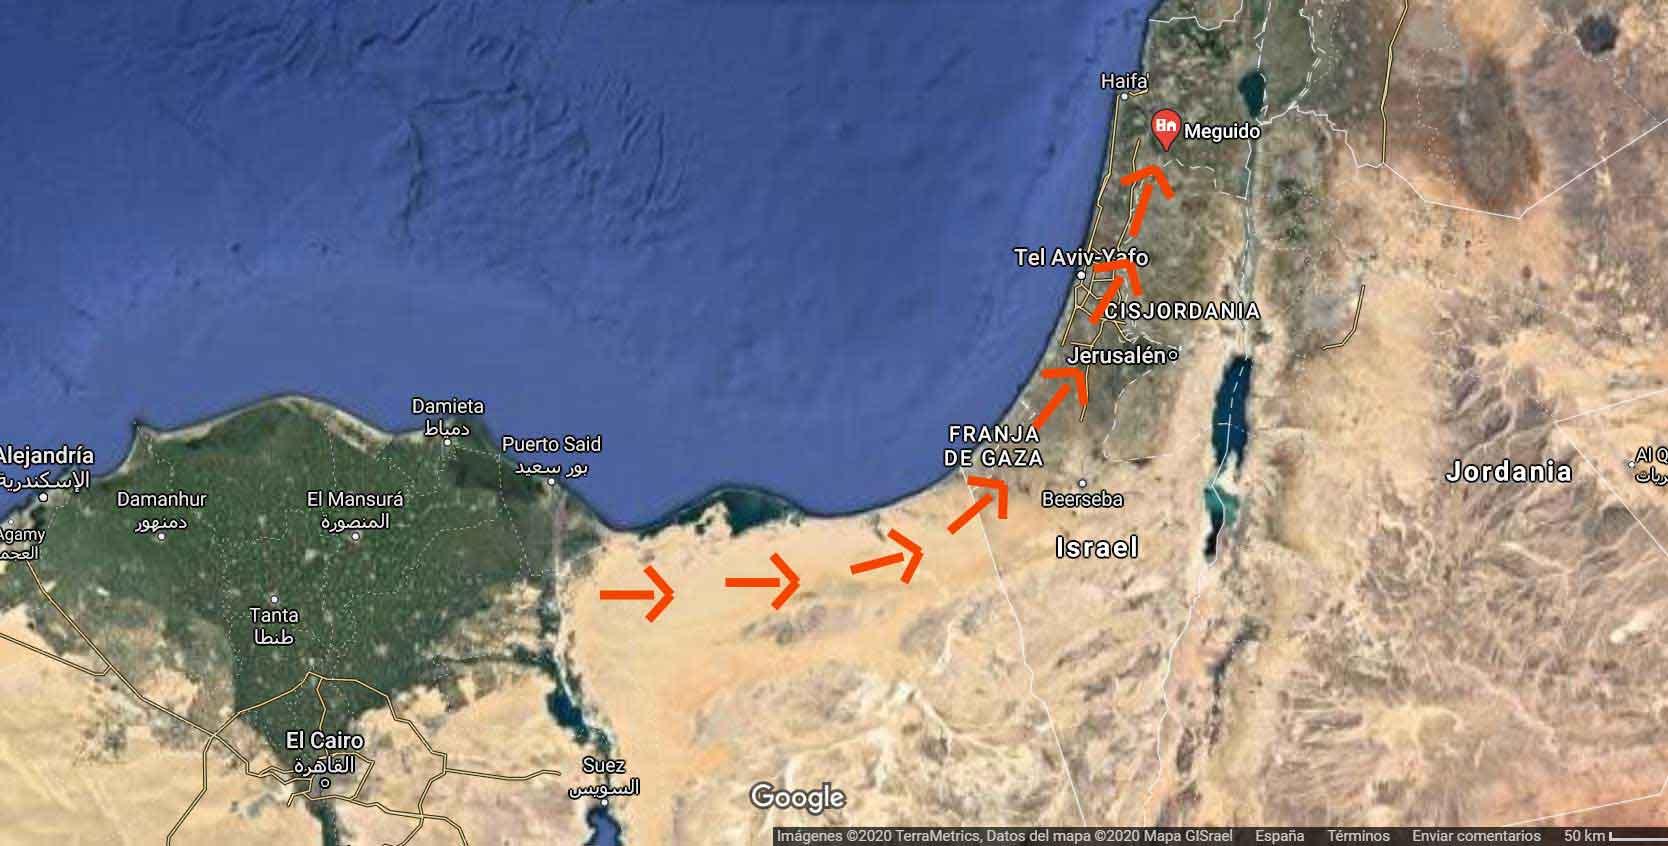 Mapa del ejército de Tutmosis III cruzando el desierto hasta Megido